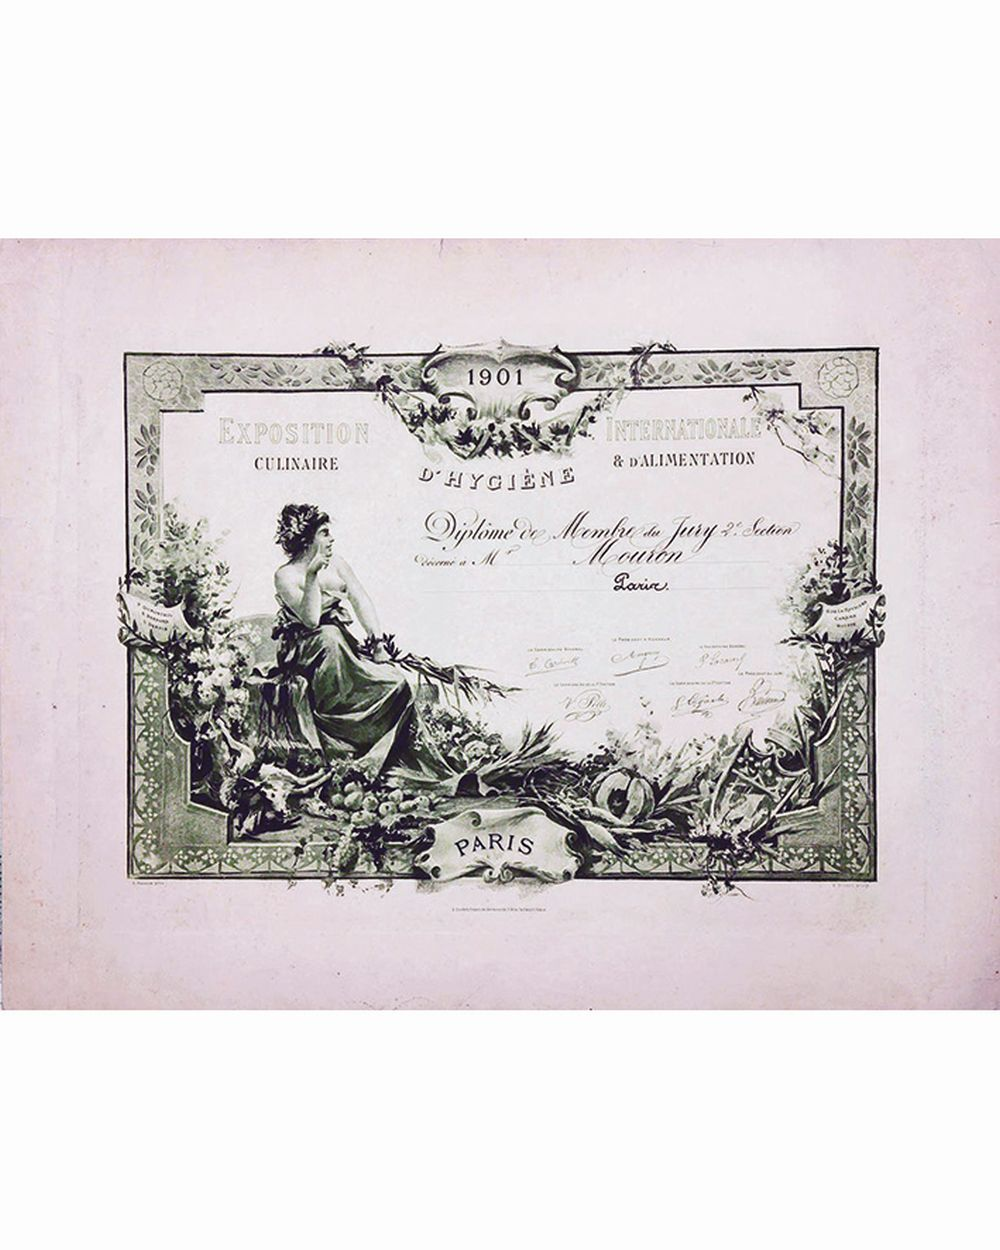 DUVOYE EMILE - Exposition Internationale Culinaire & Allimentation Hygiène     1901  Paris